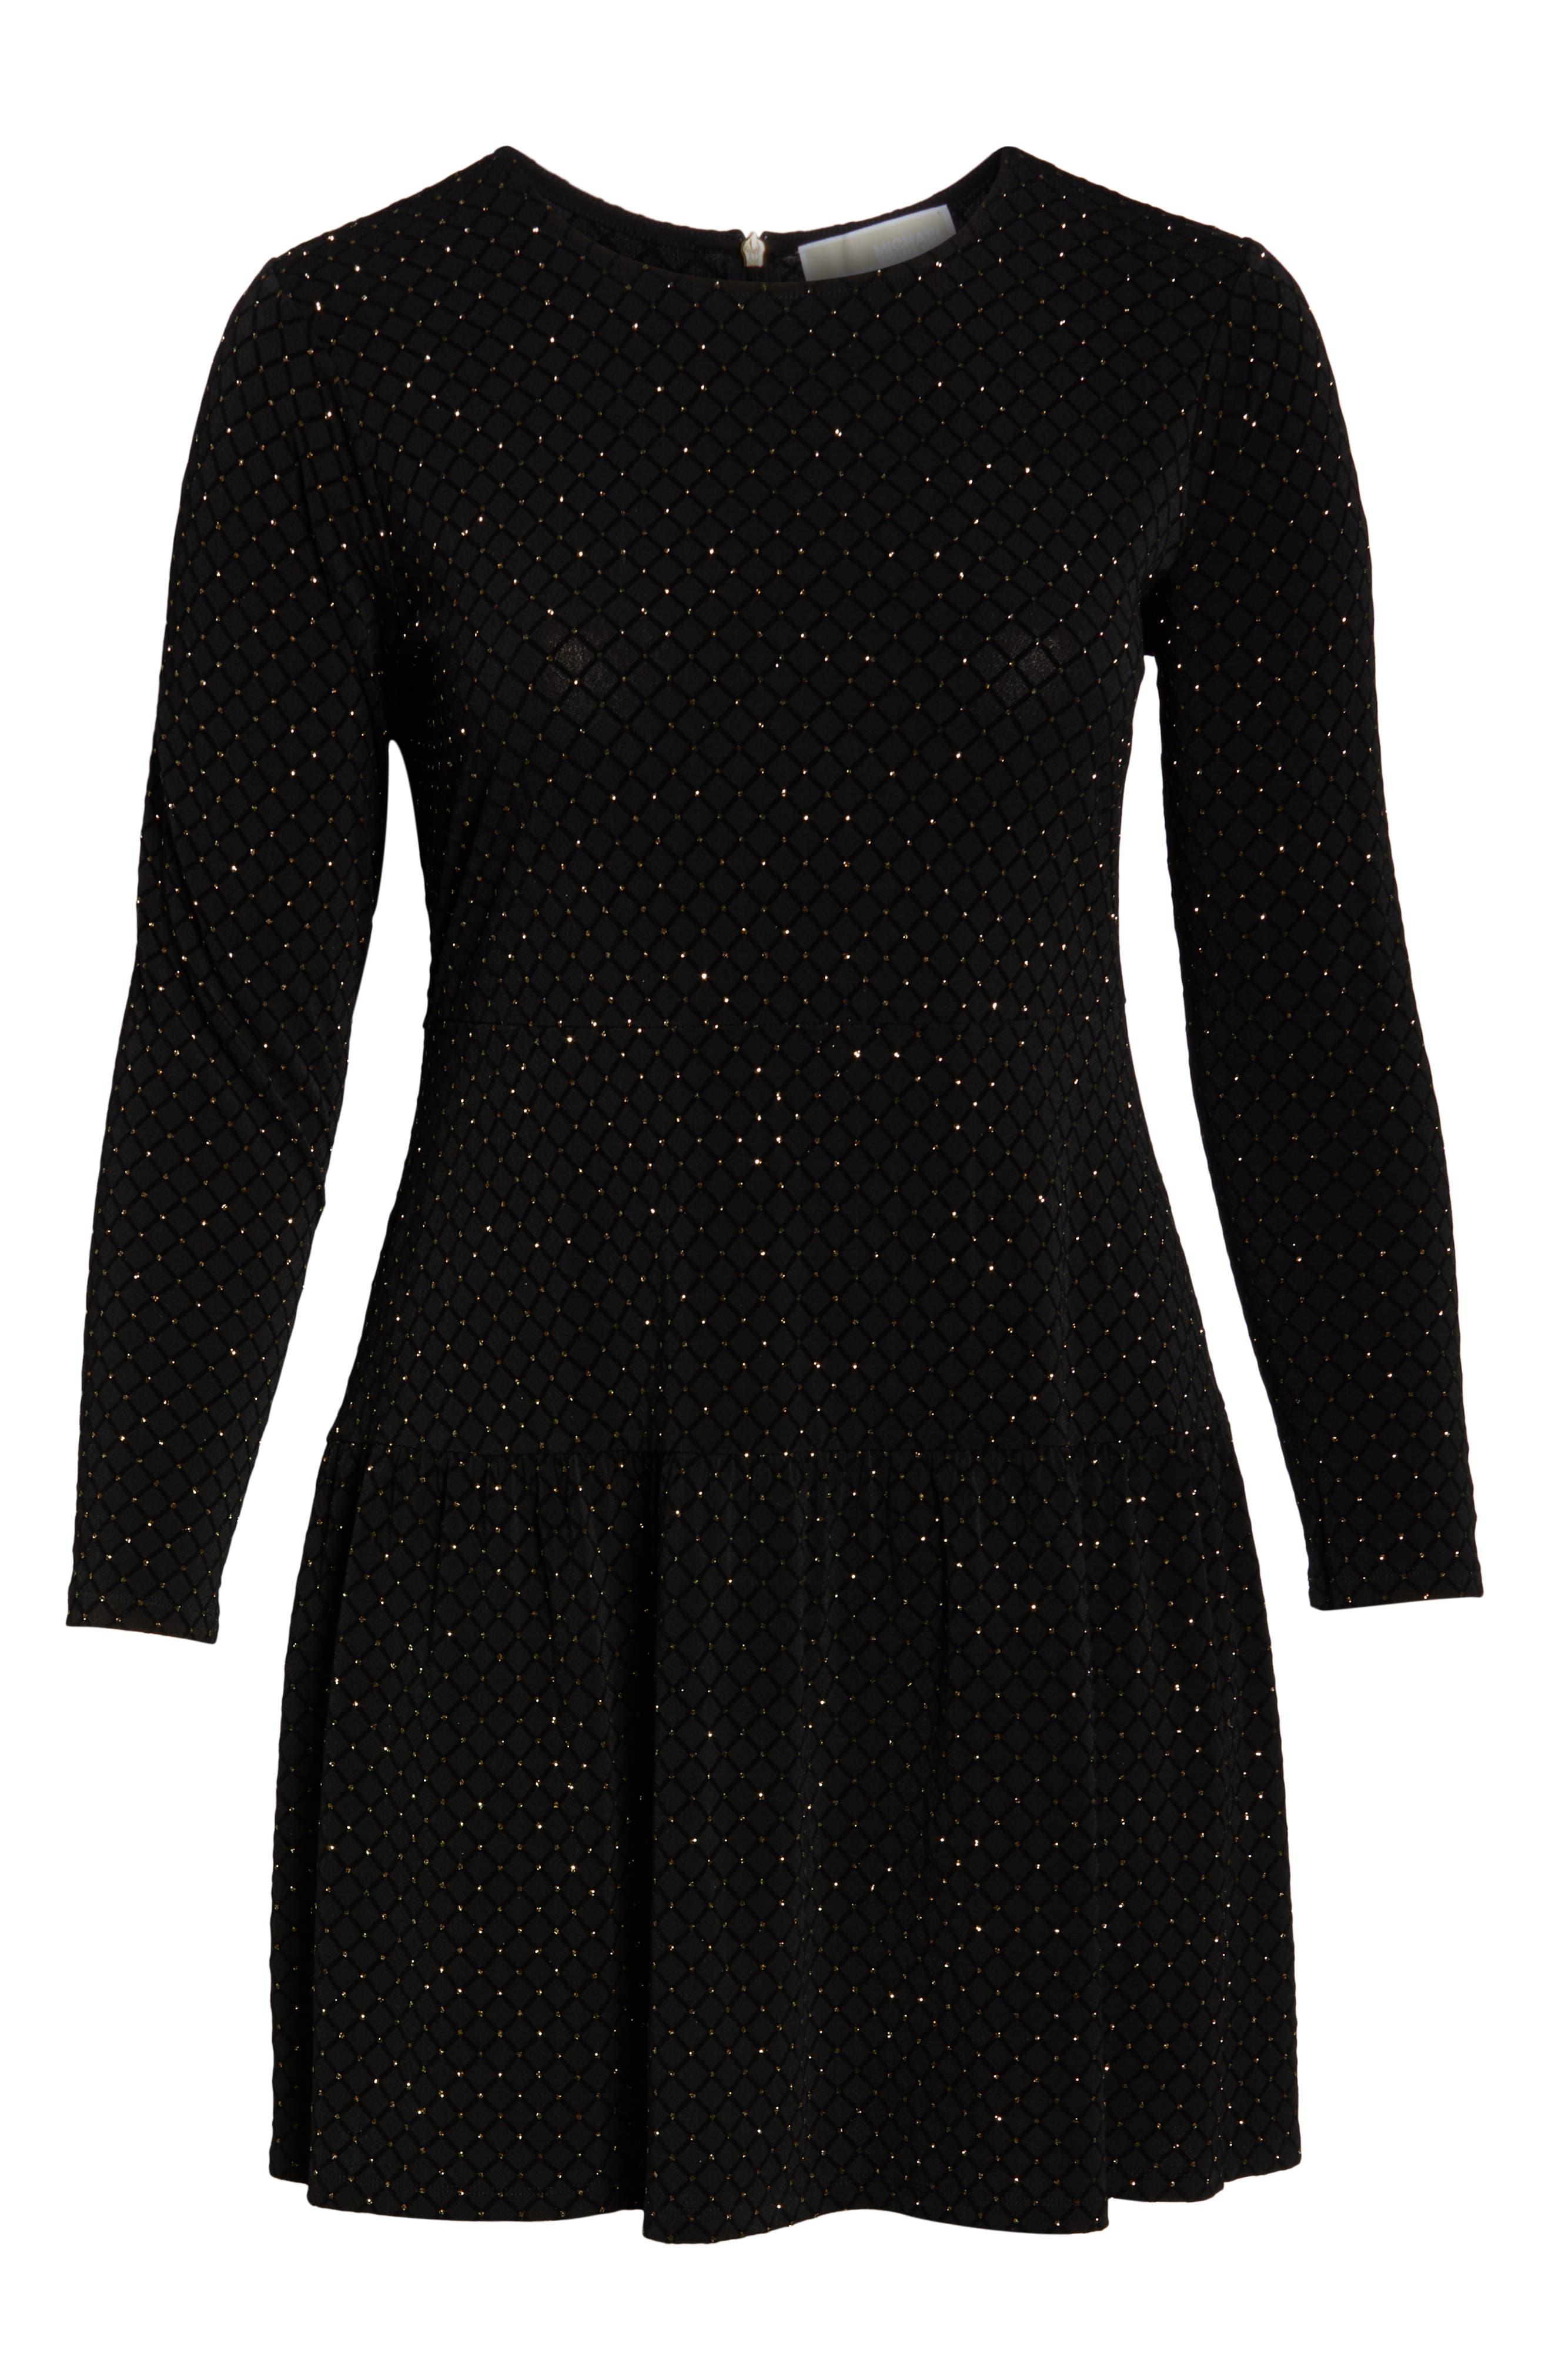 Long Sleeve Pleated Skirt Dress,                             Alternate thumbnail 7, color,                             BLACK/ GOLD